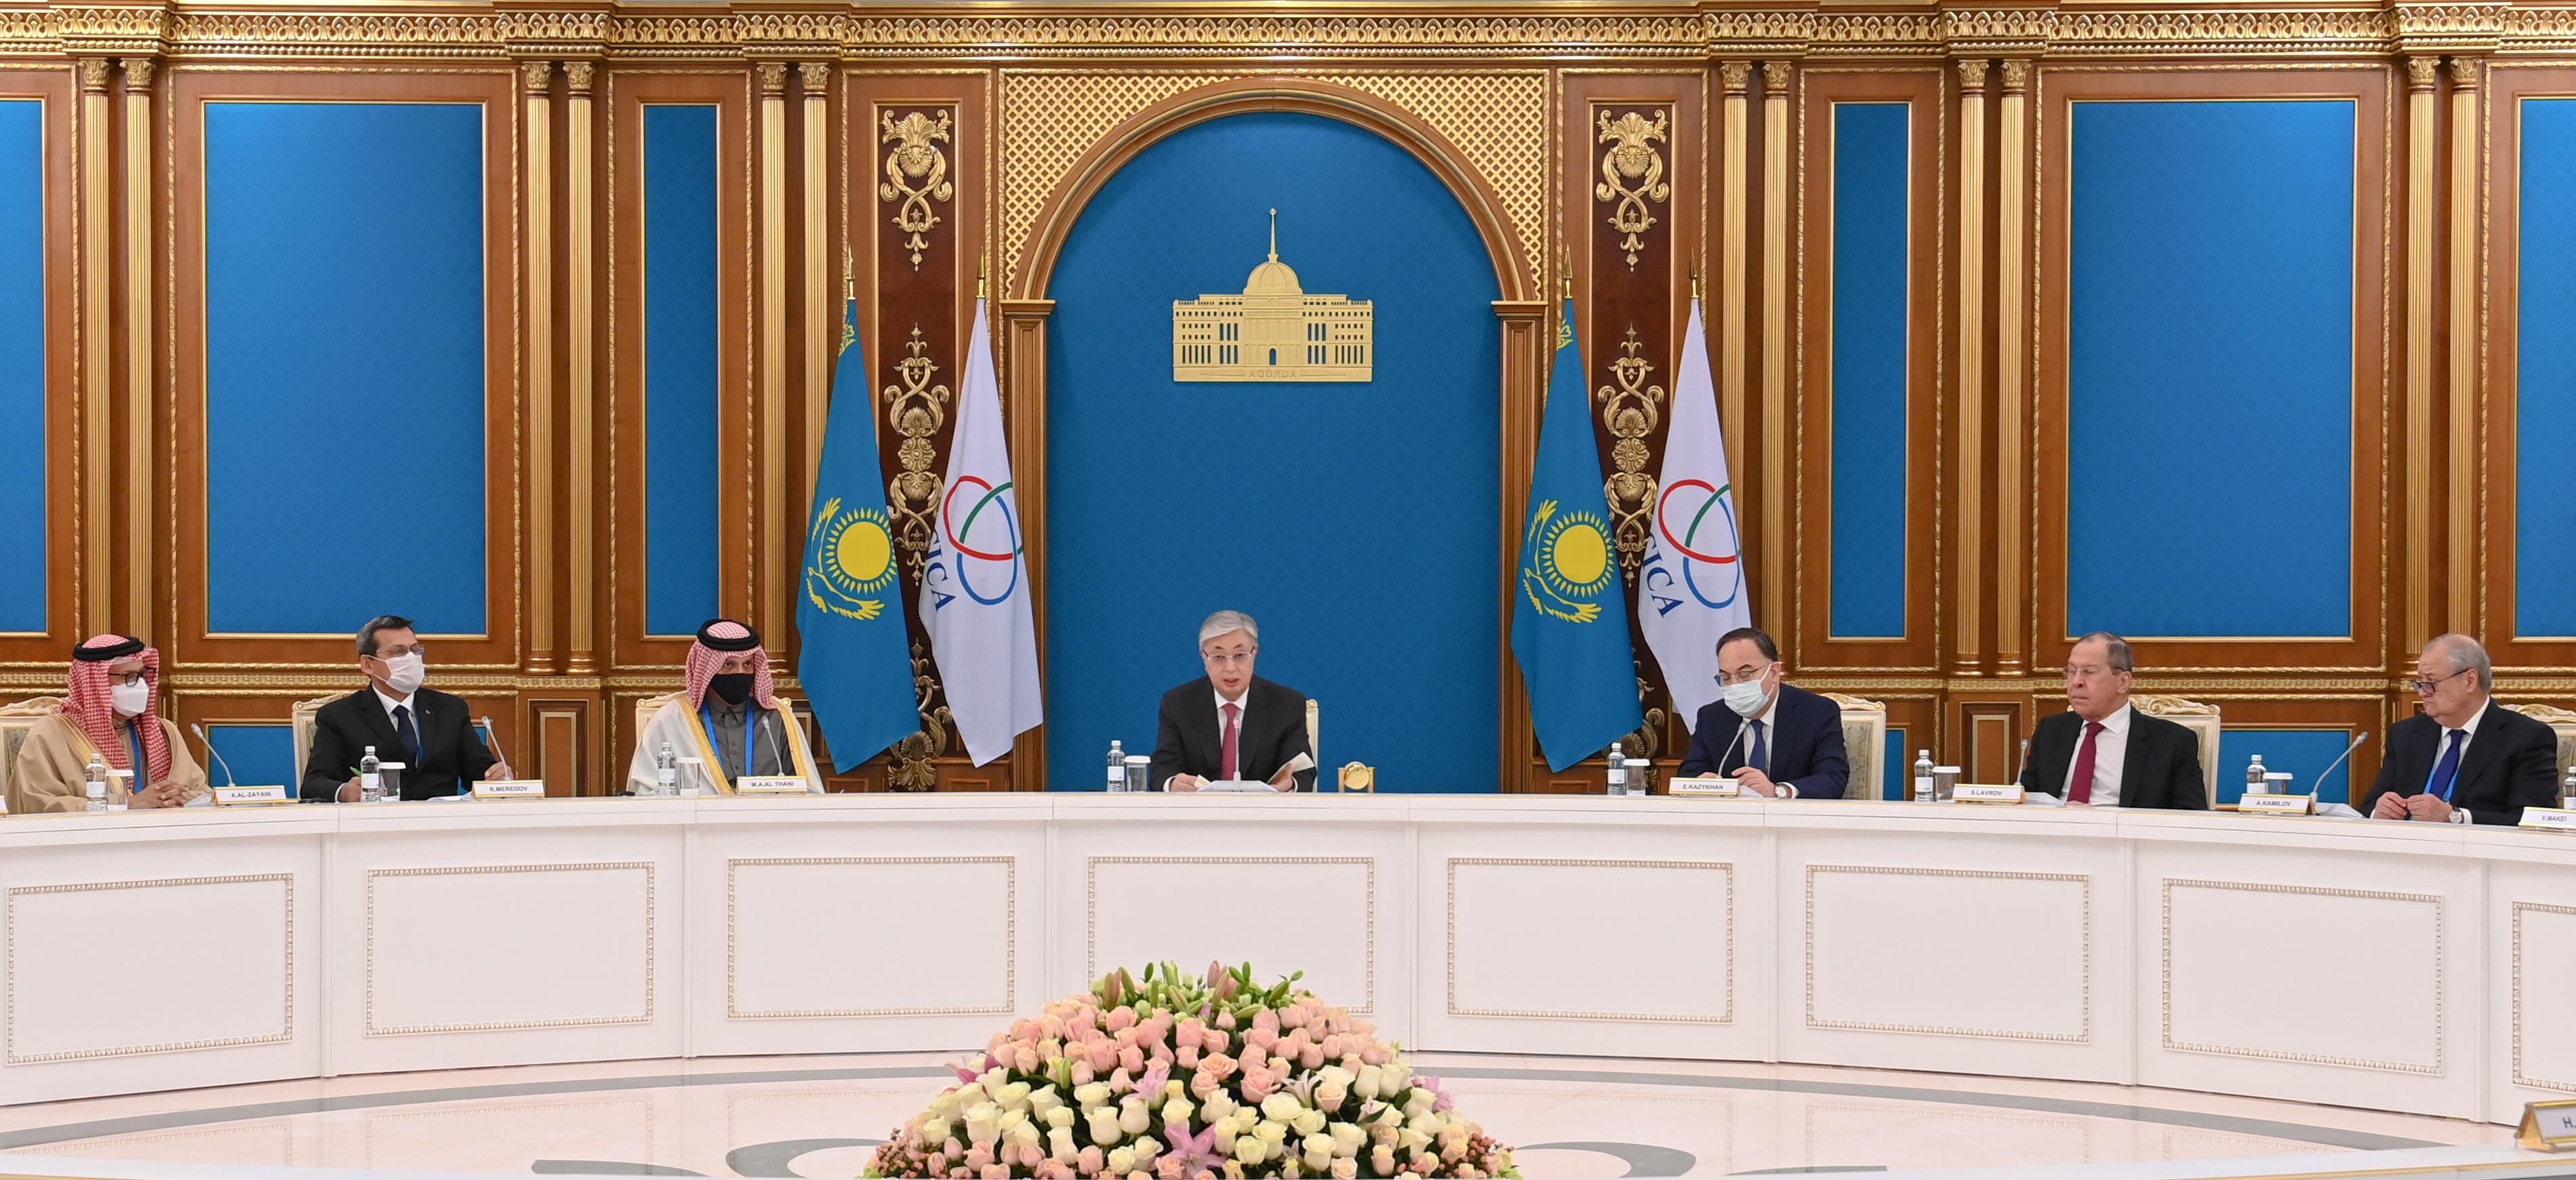 رئيس جمهورية كازاخستان يستقبل نائب رئيس مجلس الوزراء وزير الخارجية